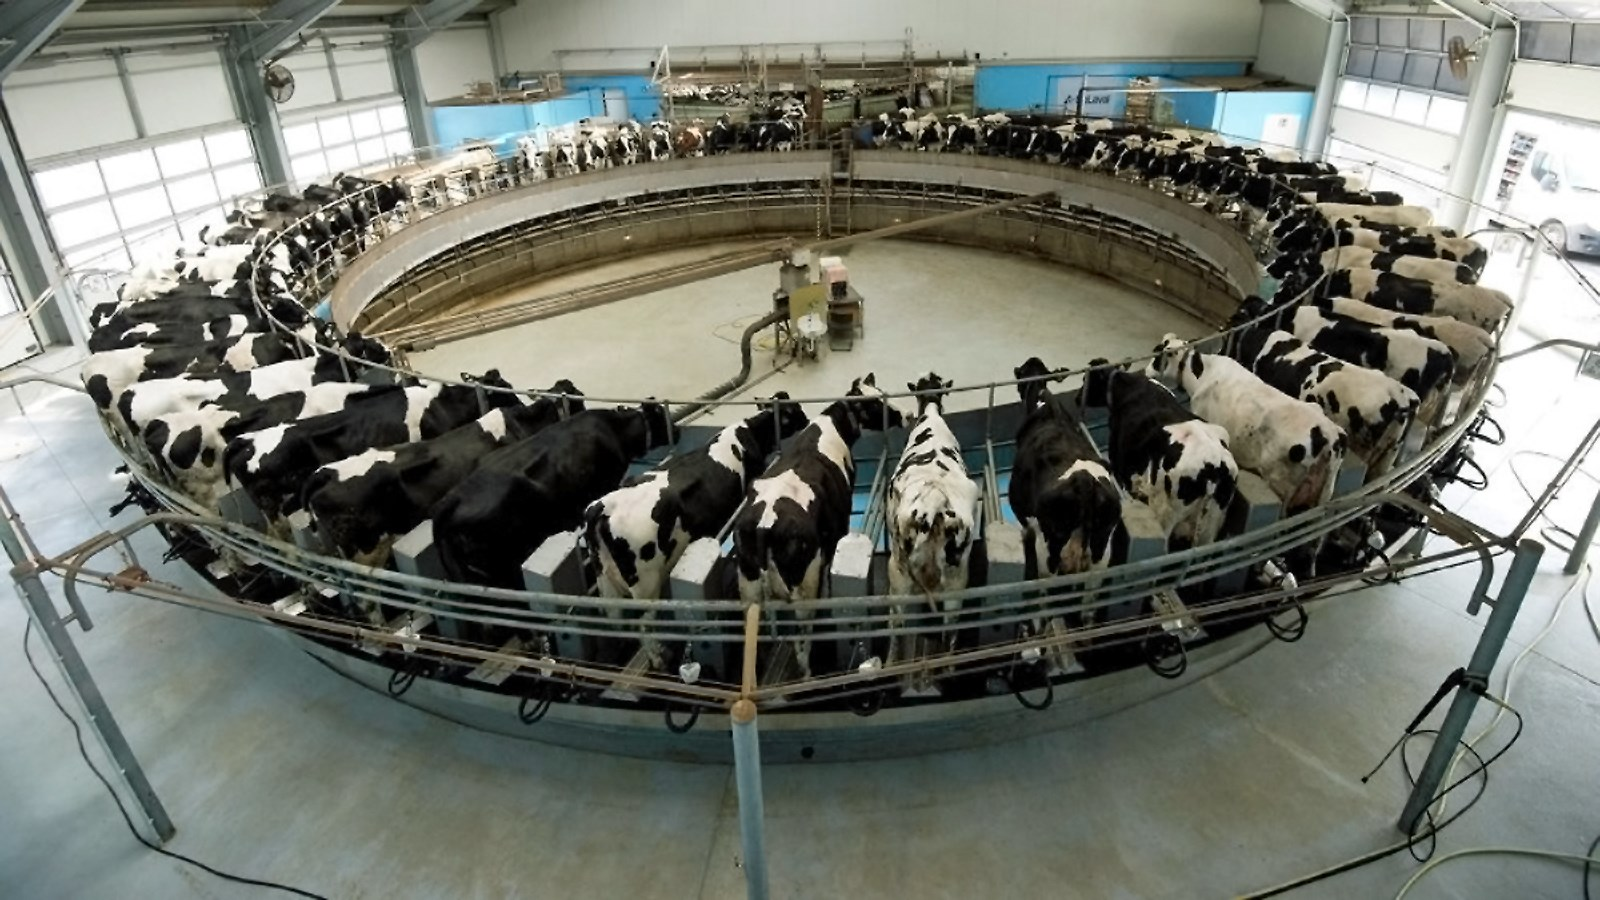 00 cows in european dairy farm 100815